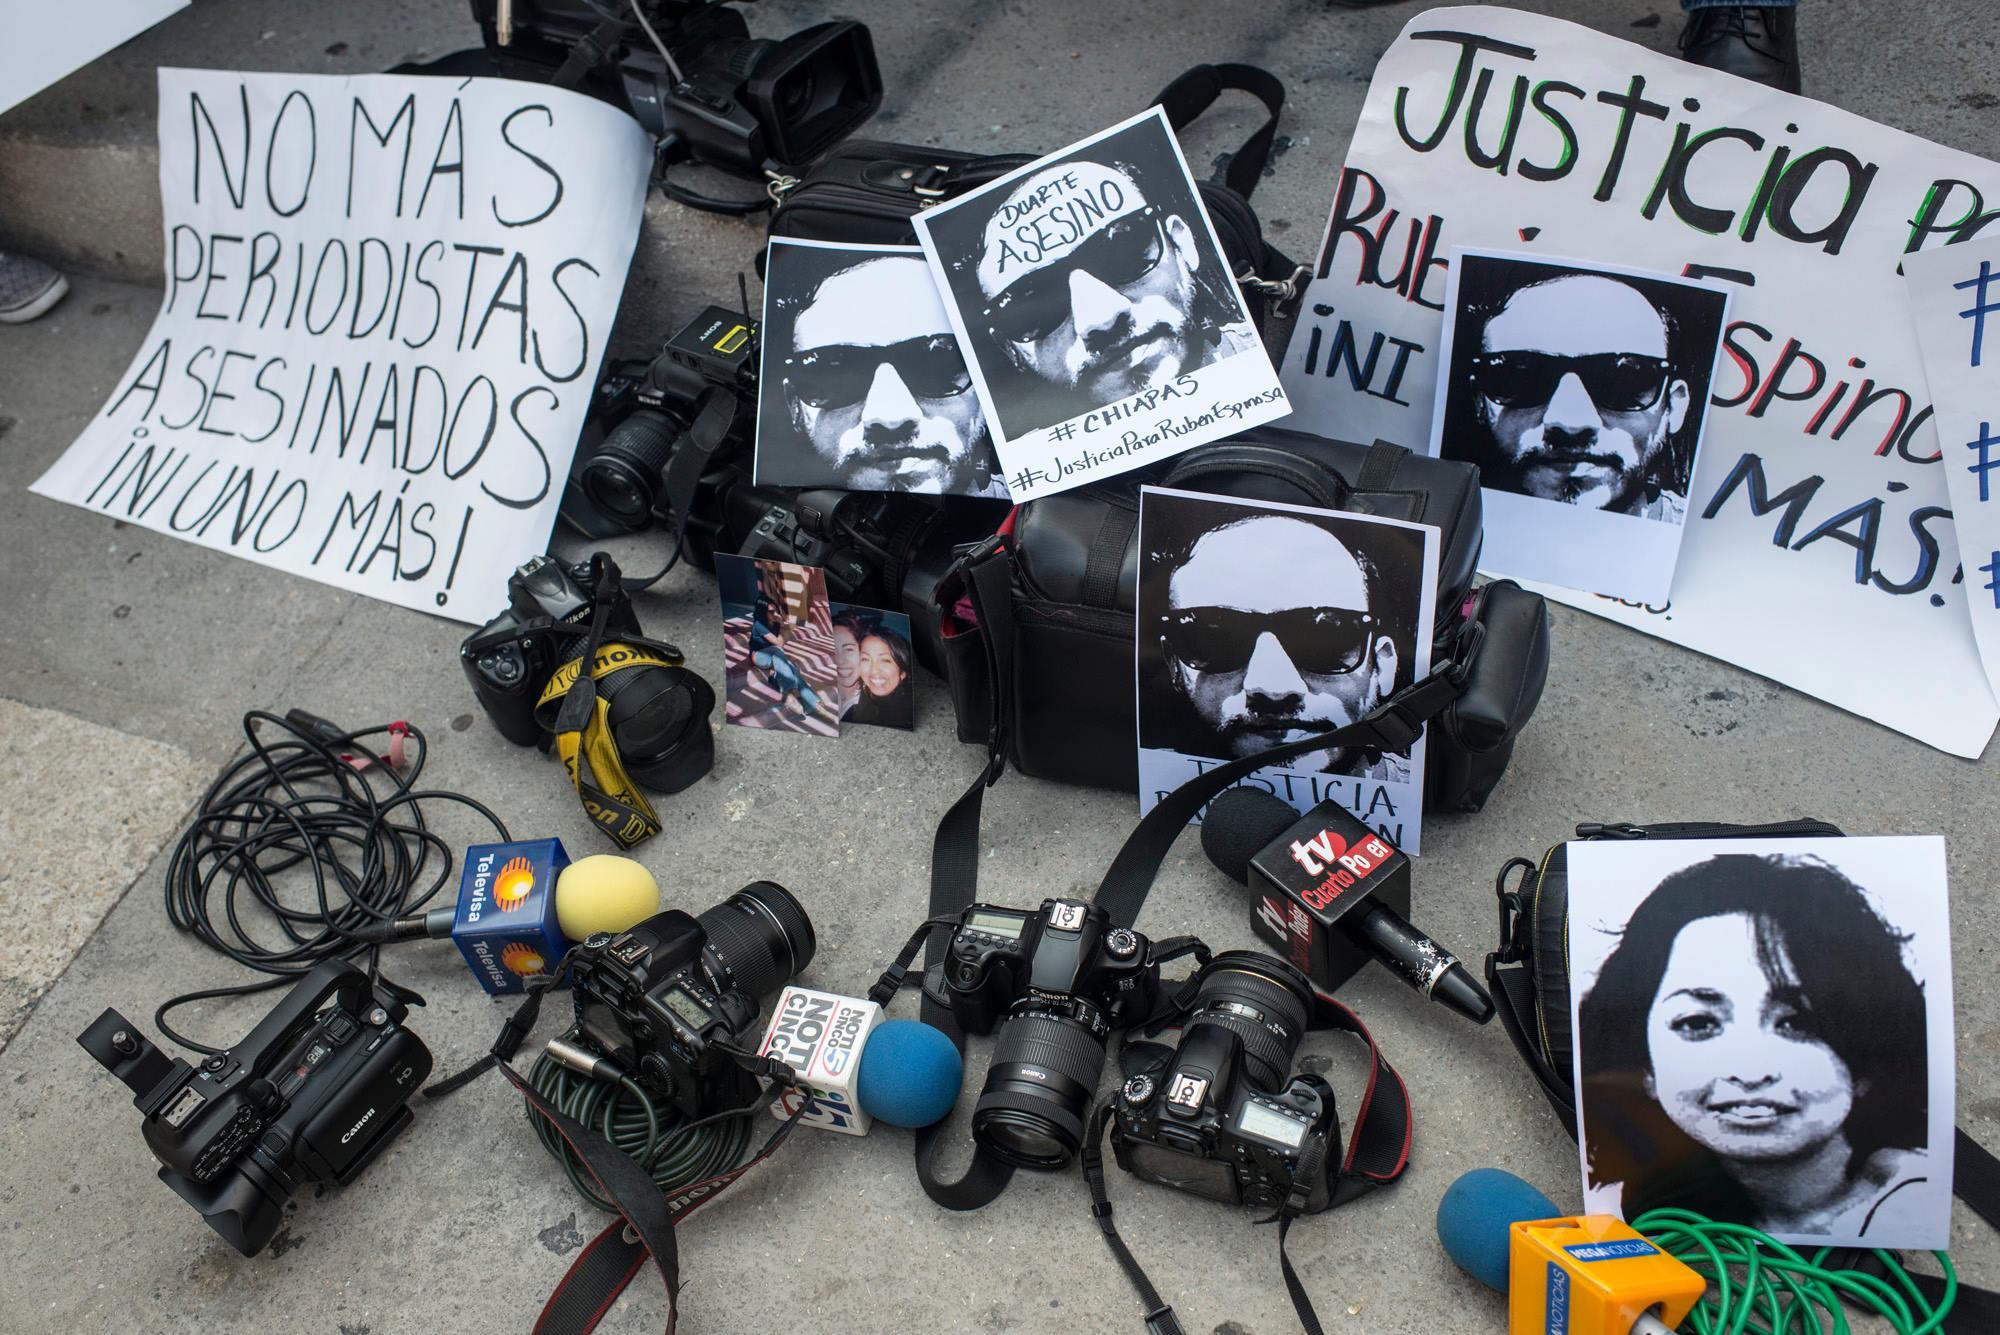 Des syndicats de journalistes français s'adressent à l'ambassadeur du Mexique à Paris